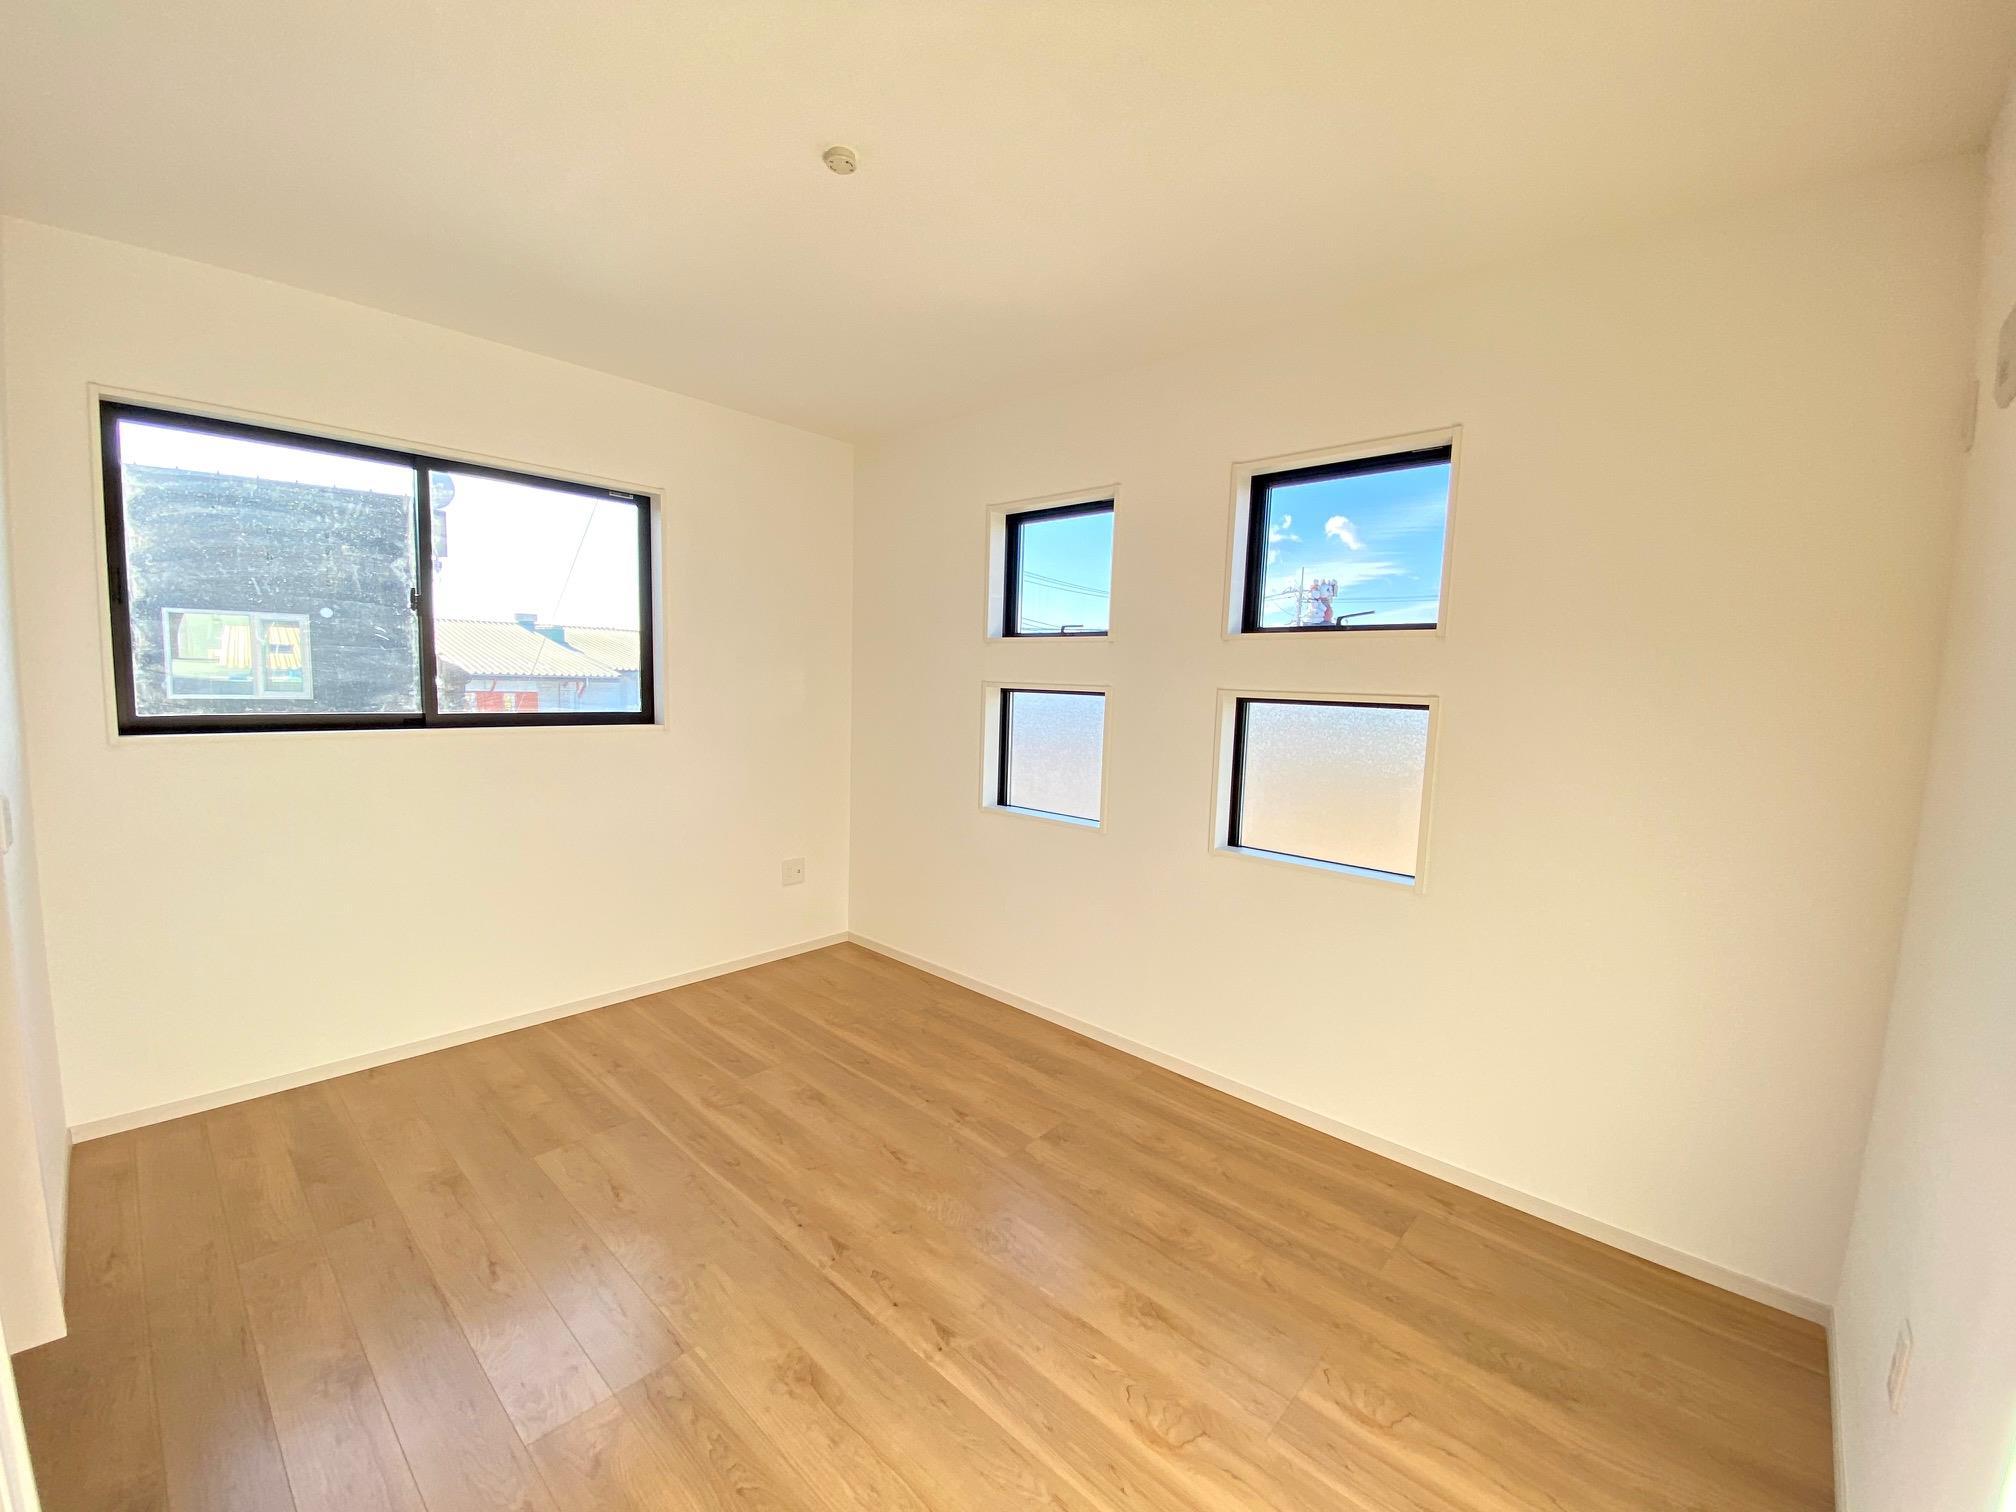 その他内観*洋室|各部屋に収納スペースを設けています!部屋をキレイに保つことができますね(^^)♪  (2021年1月)撮影